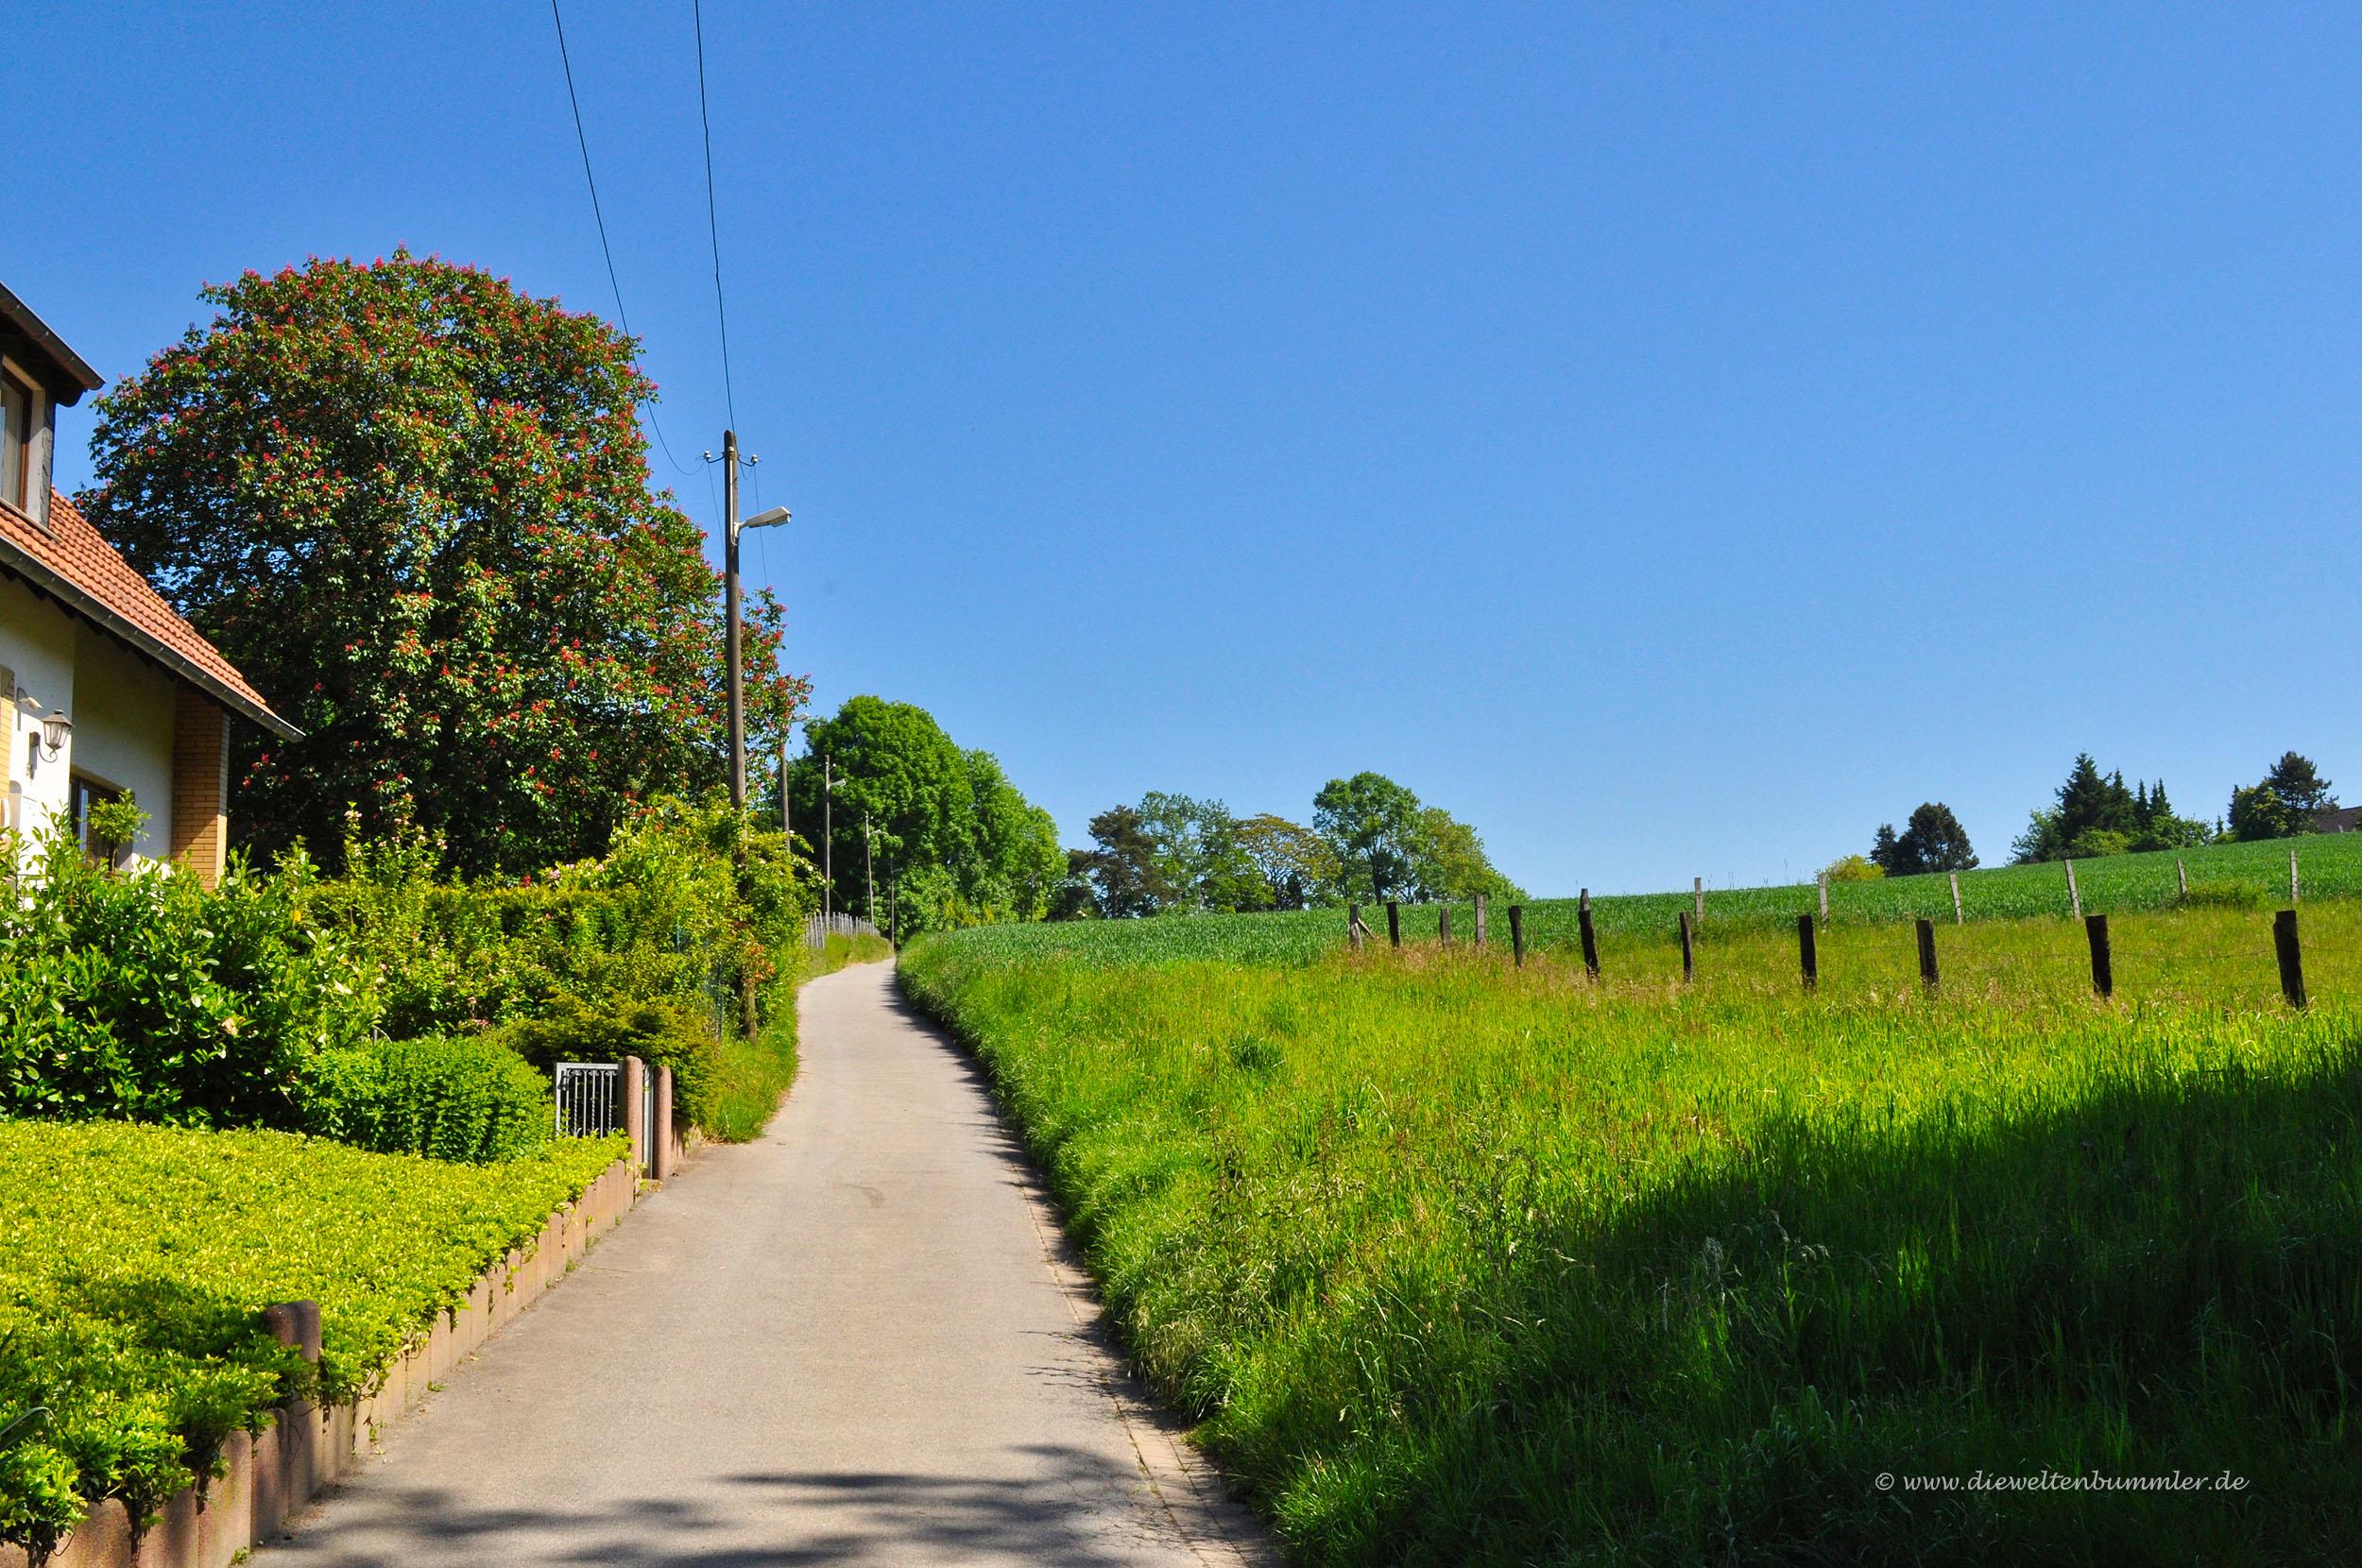 Auf dem Weg zwischen Essen und Mülheim